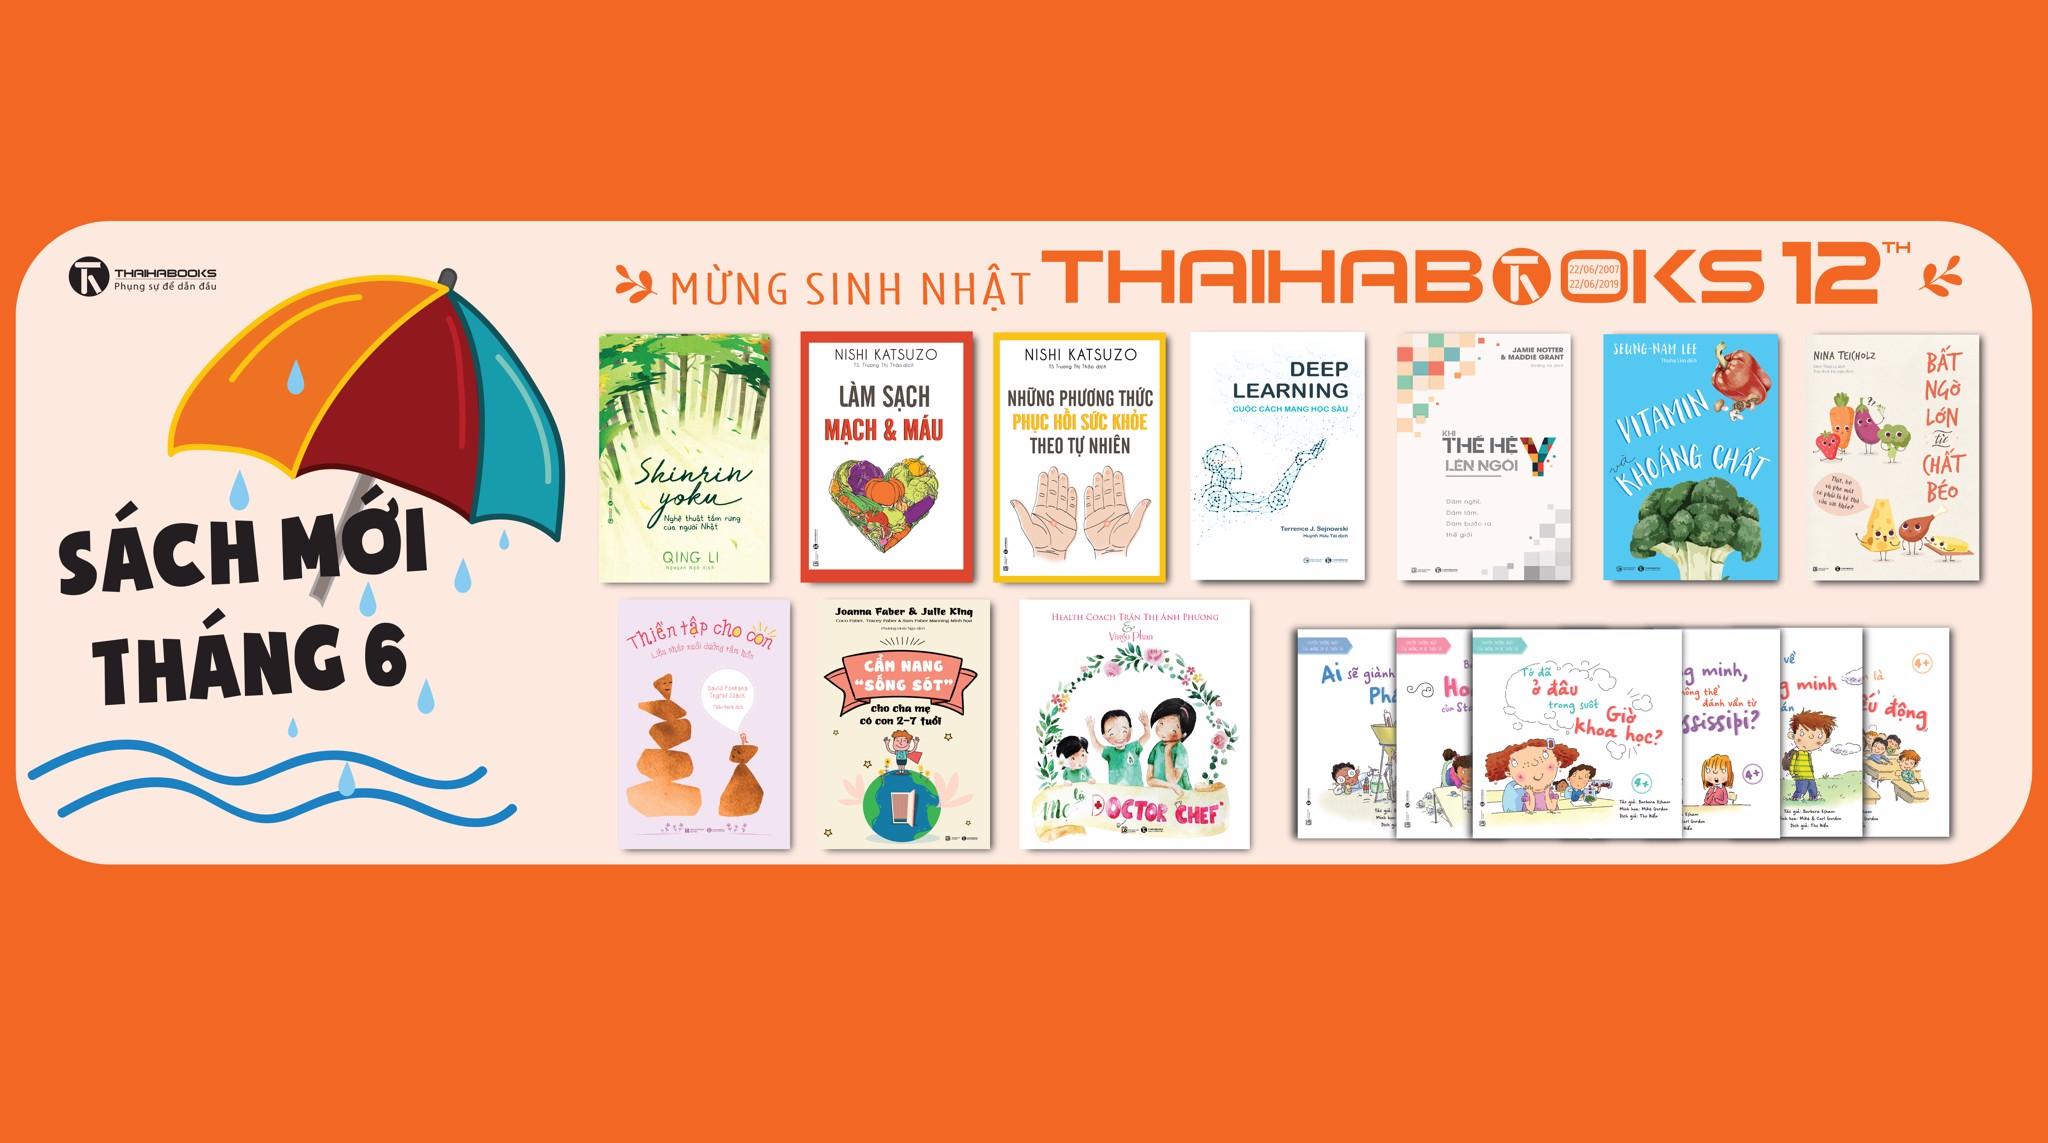 [ThaiHaBooks] Sách mới tháng 6